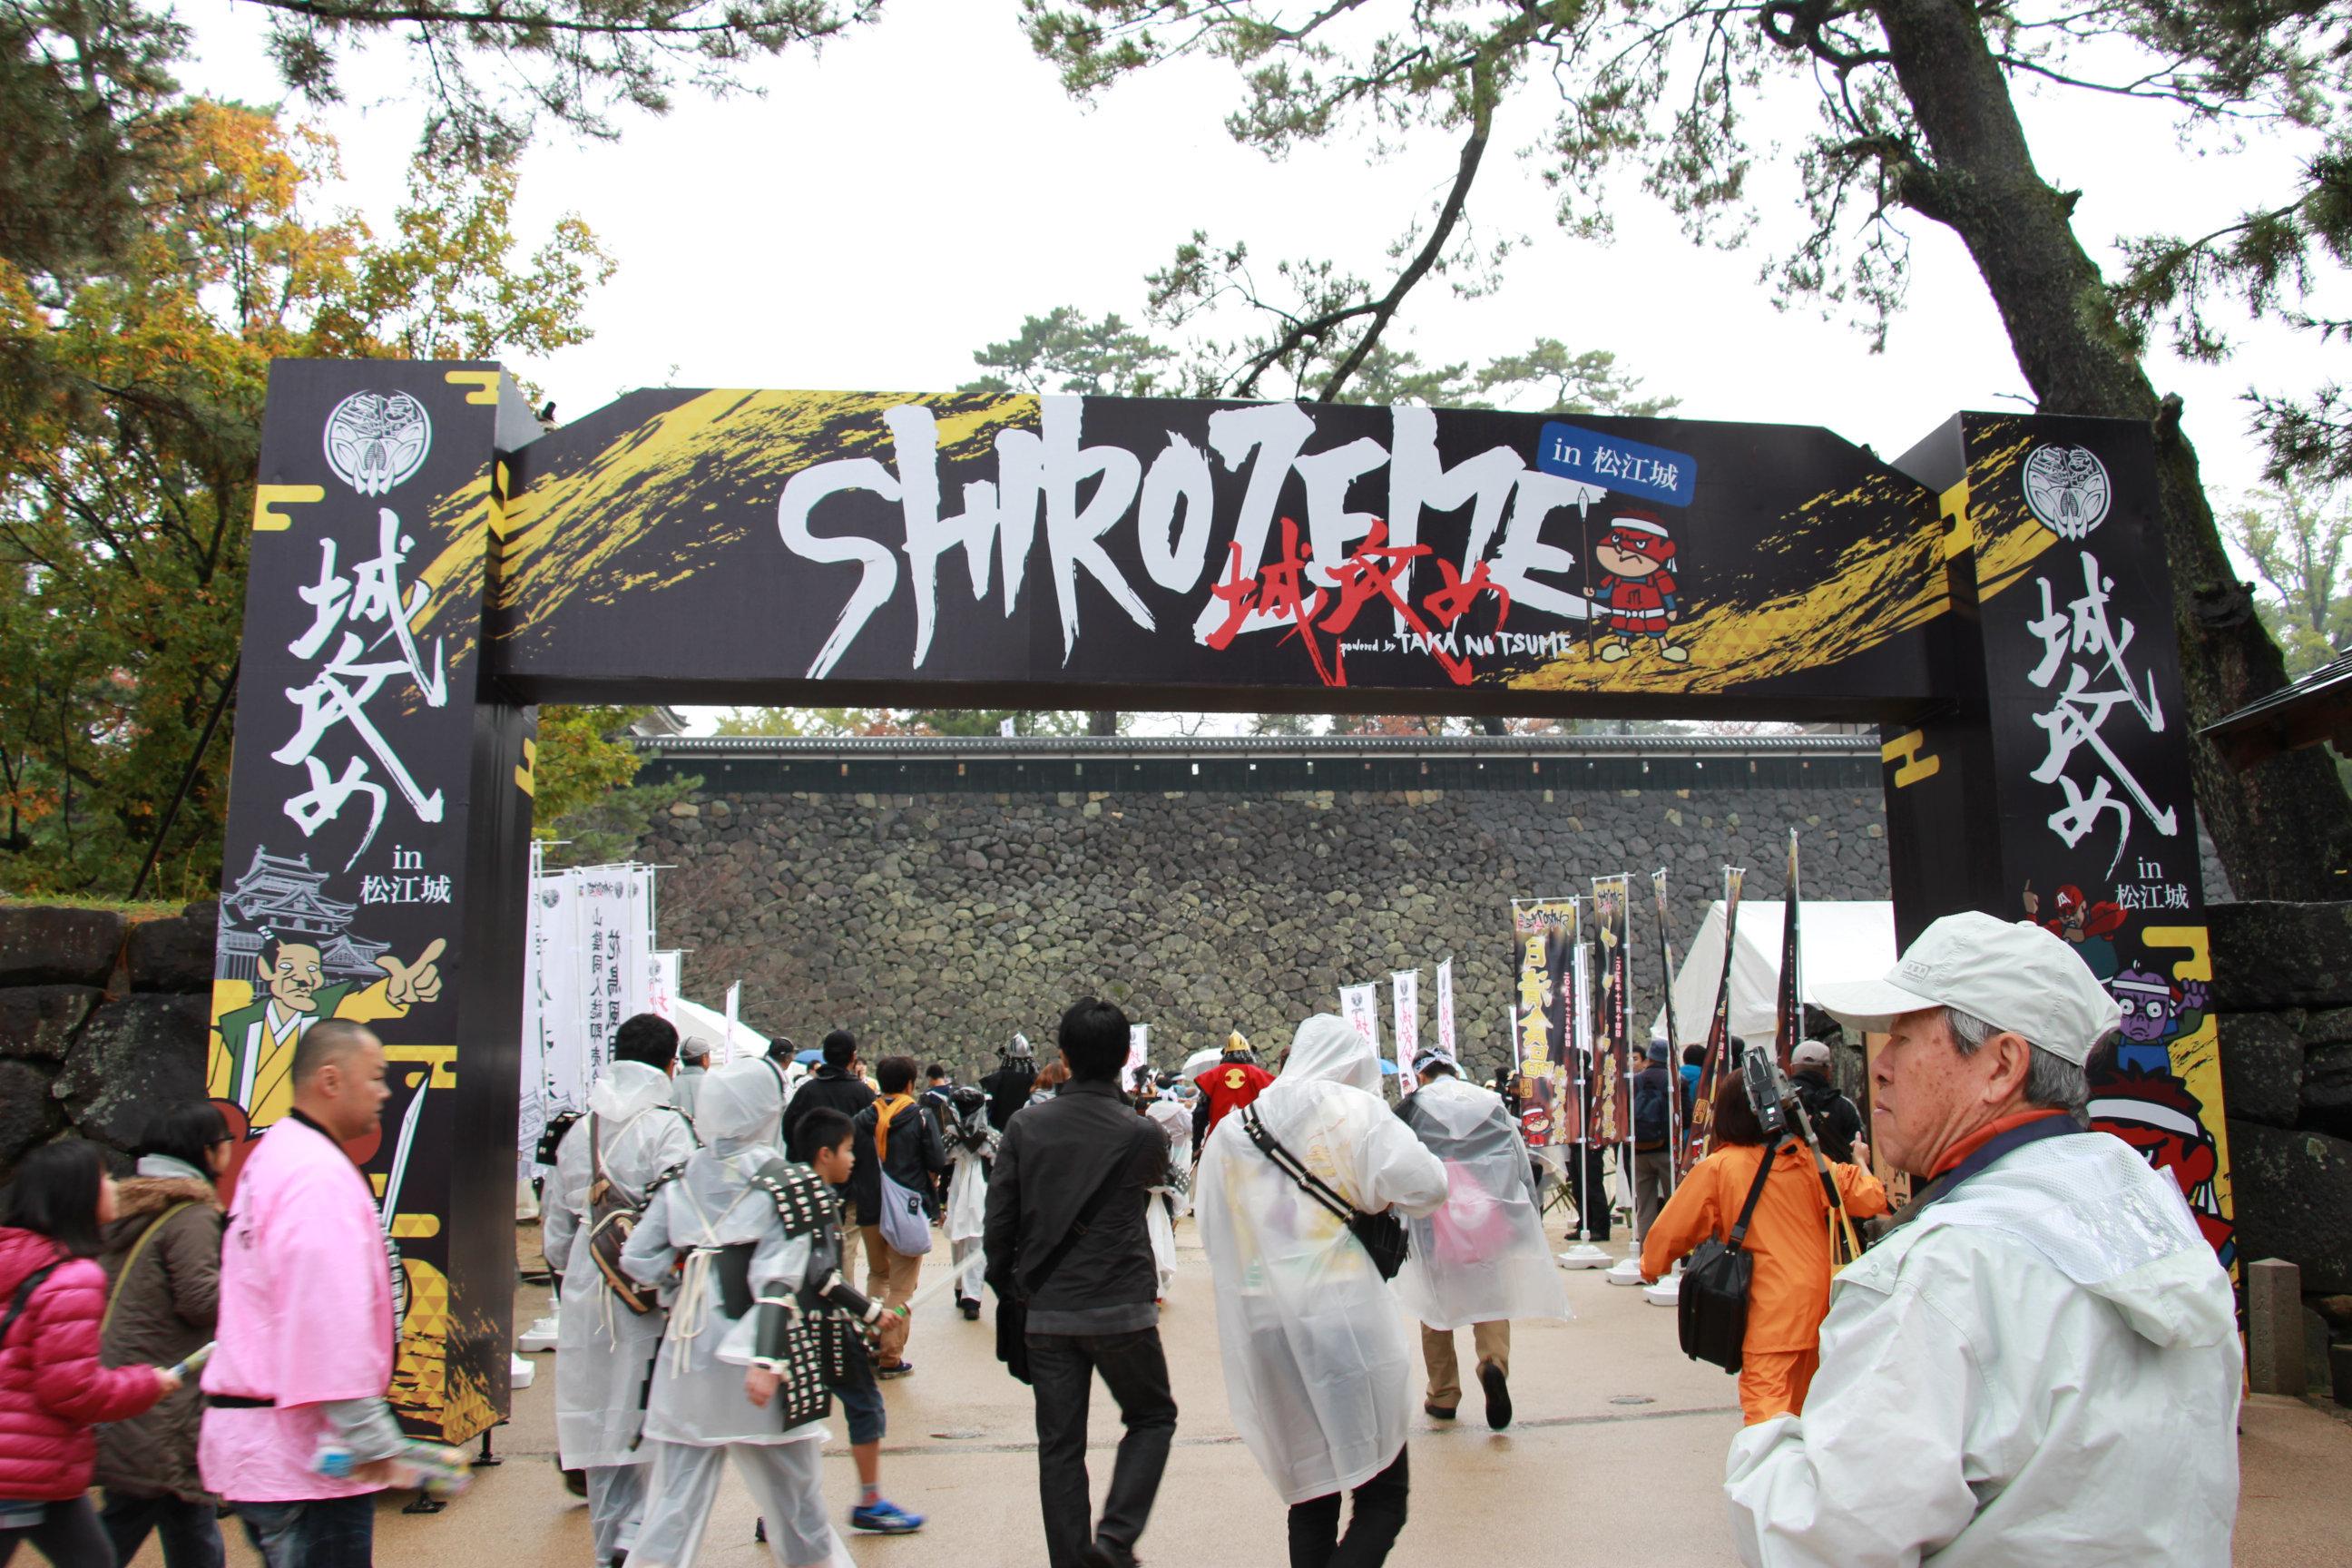 城攻め会場 松江城の入り口。1000人近い参加者で、県庁前駐車場は満車に